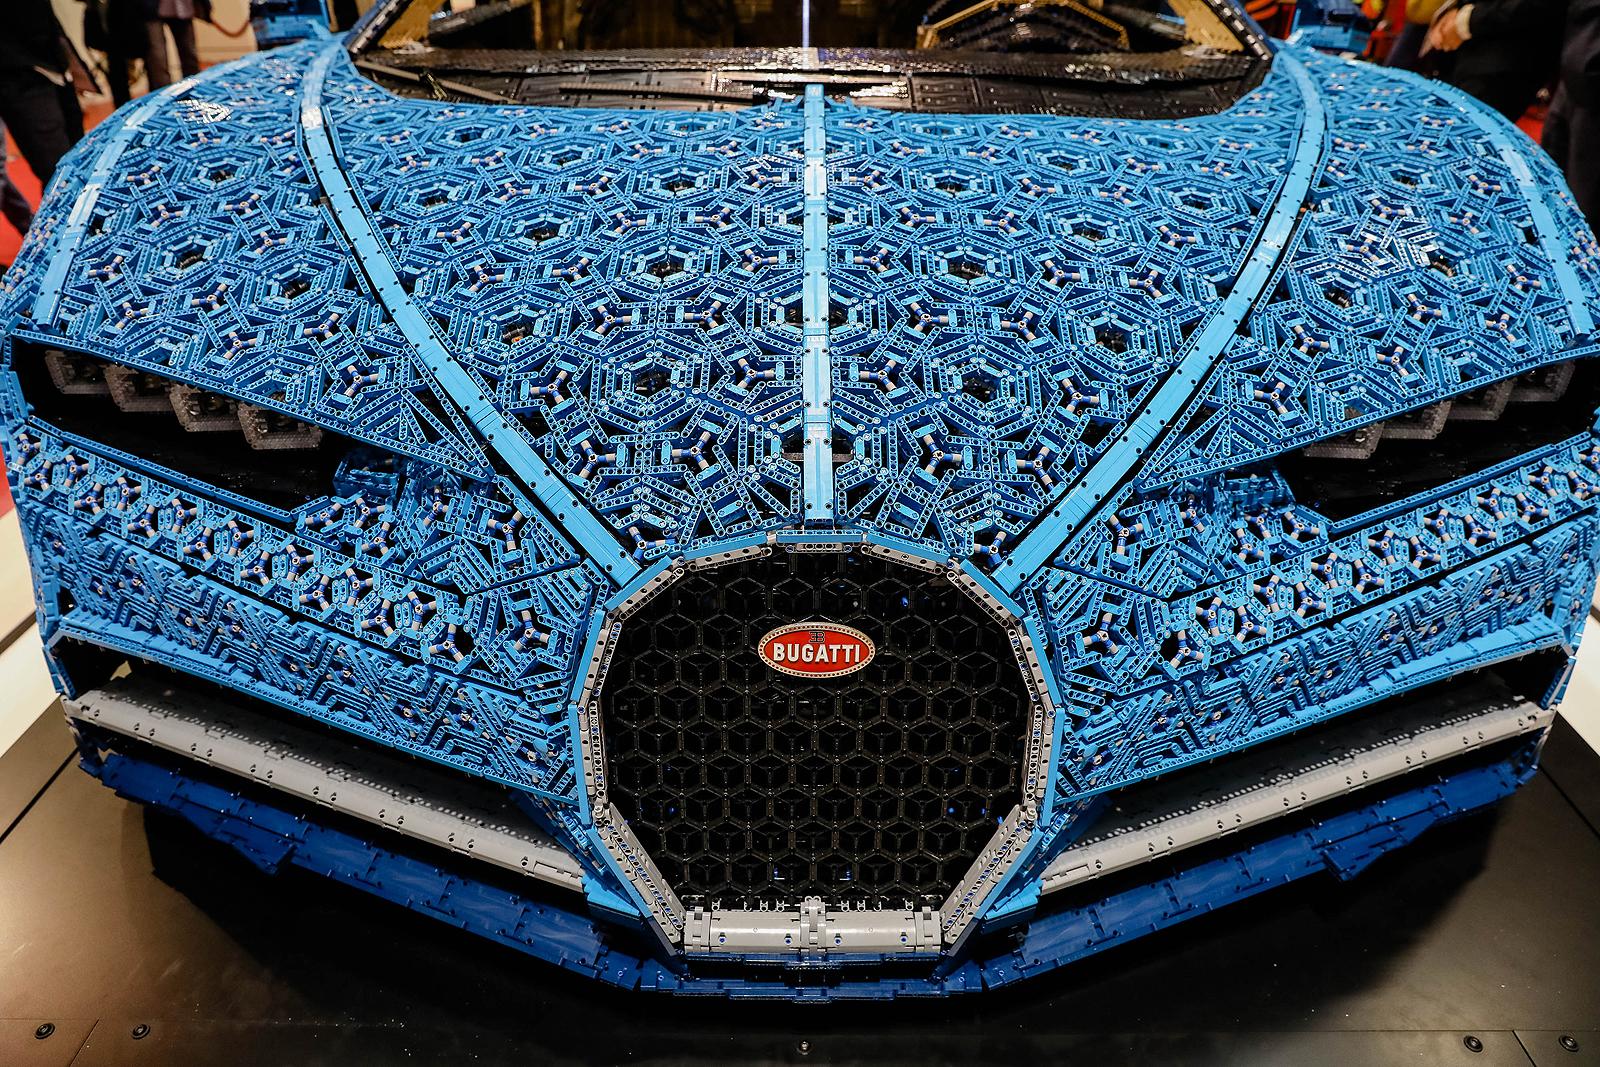 No SUV plans for Bugatti